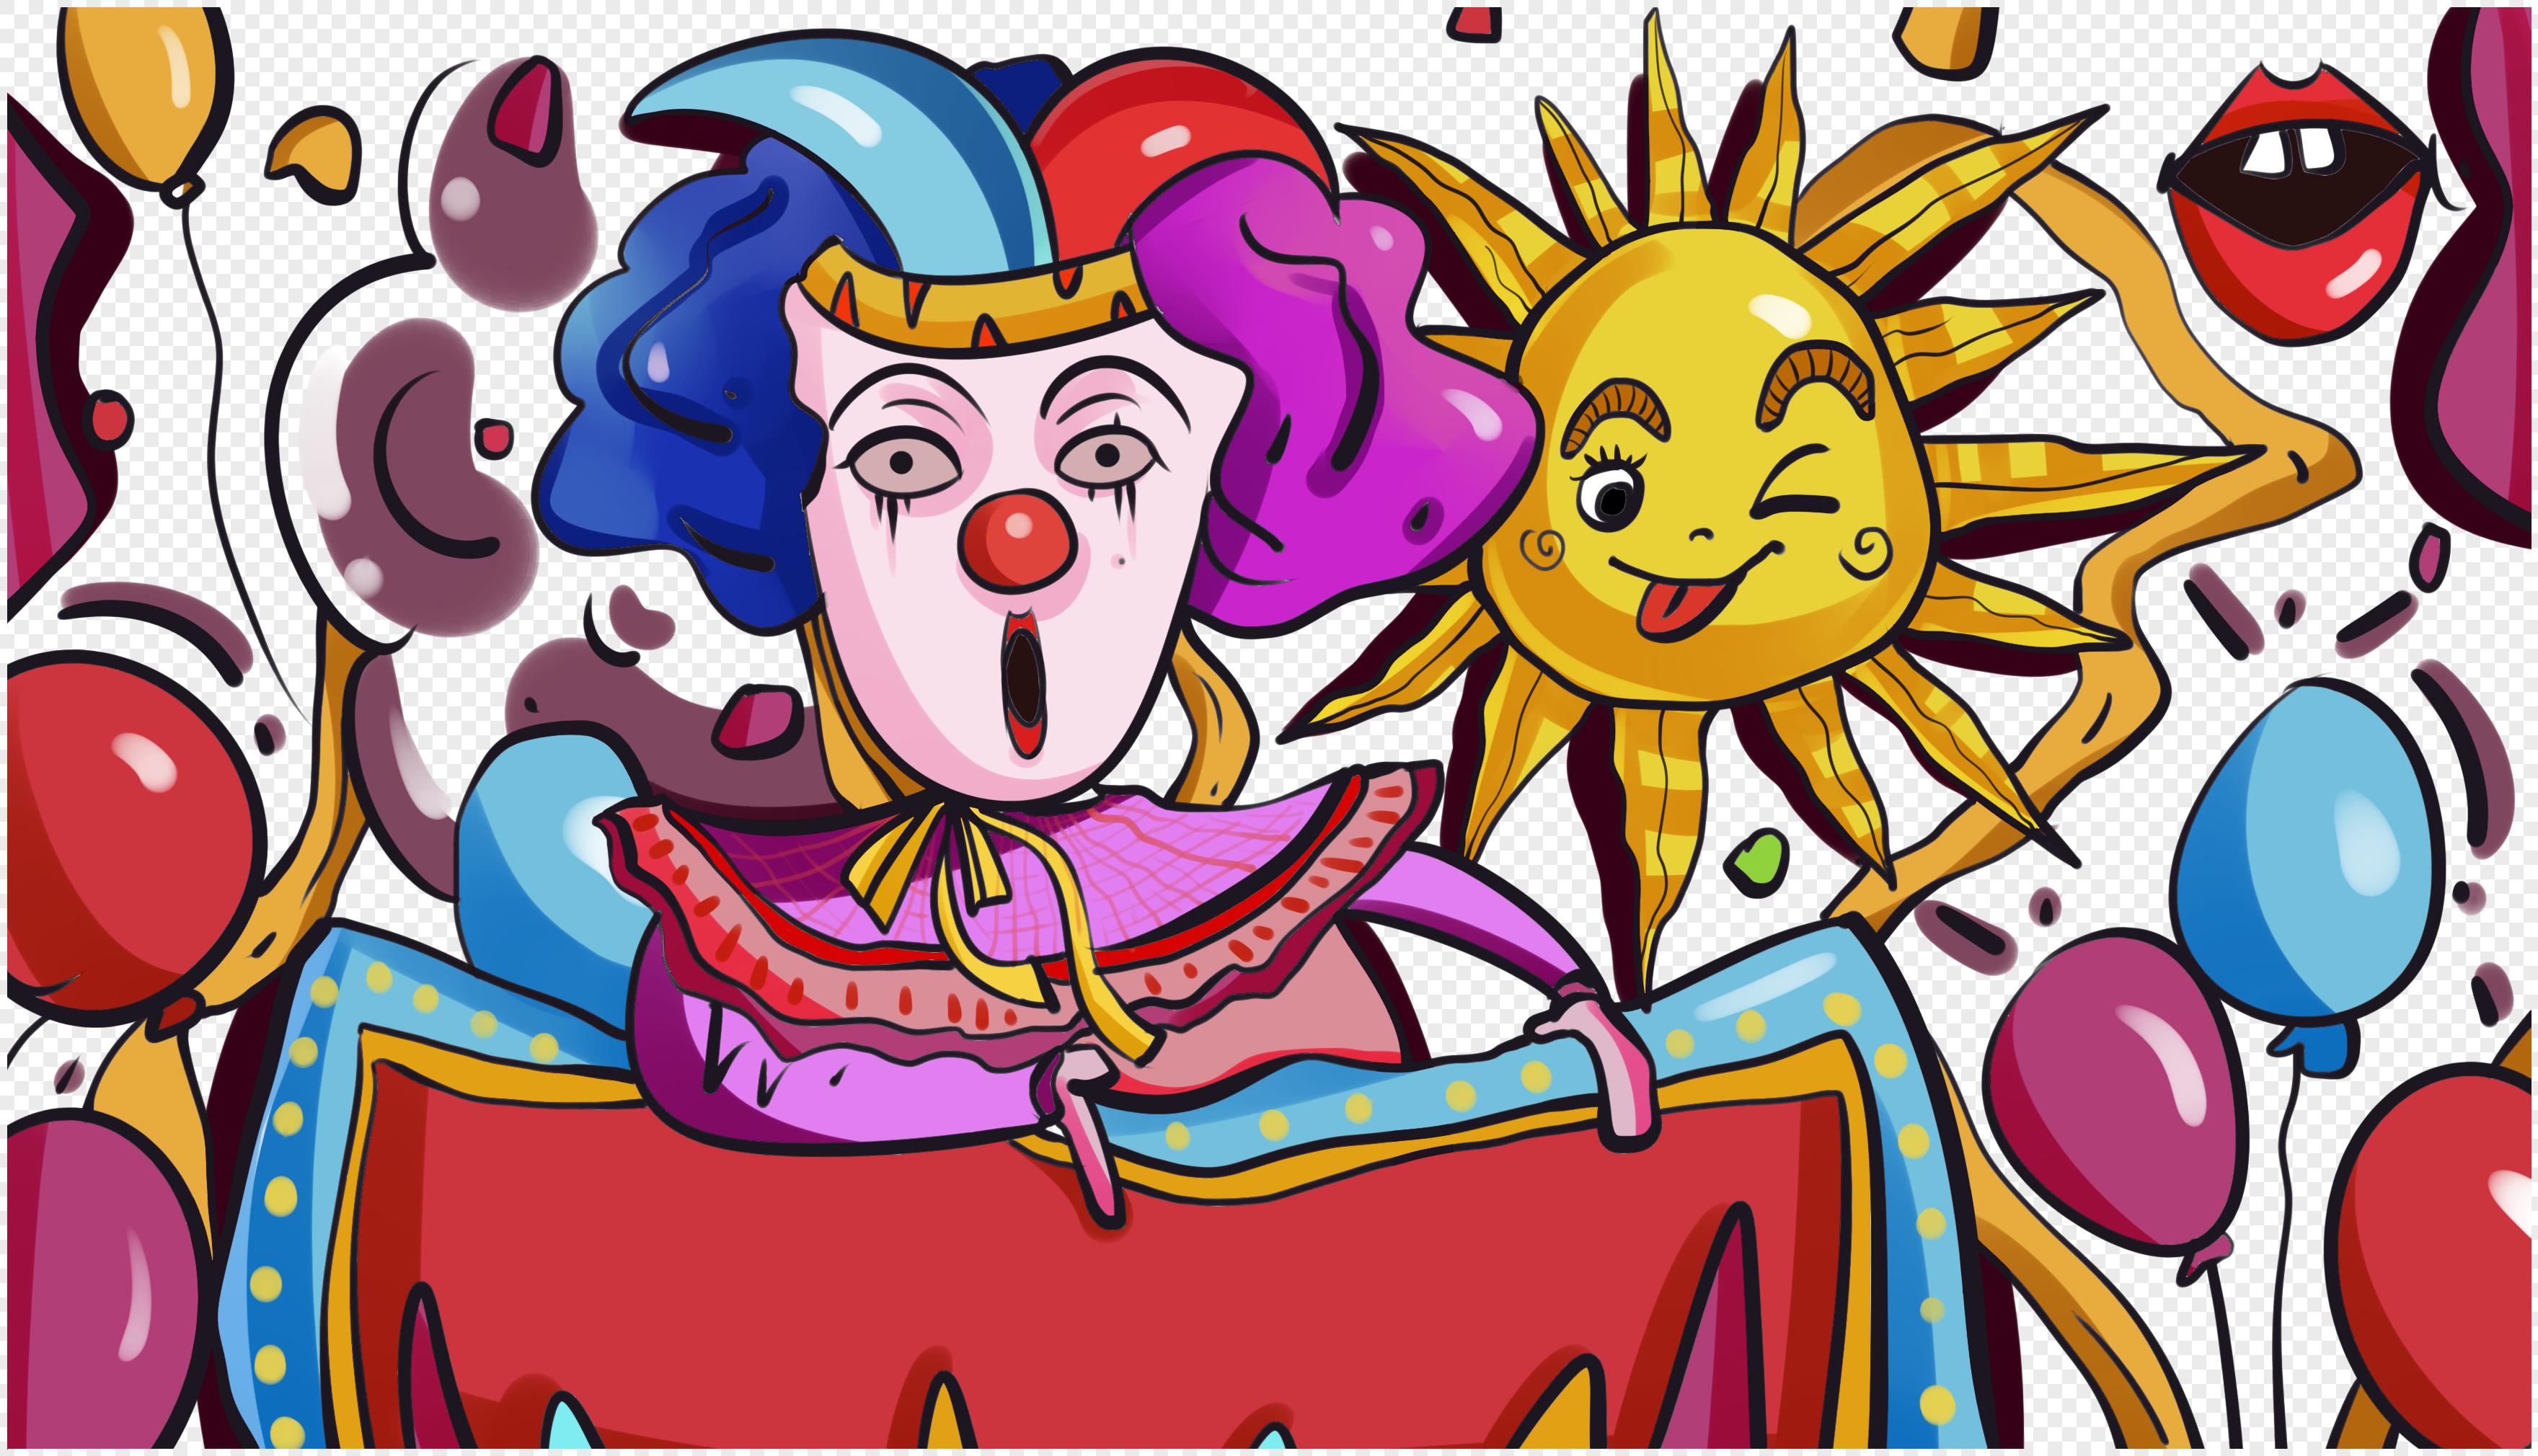 图片 素材 手绘/卡通元素 小丑.